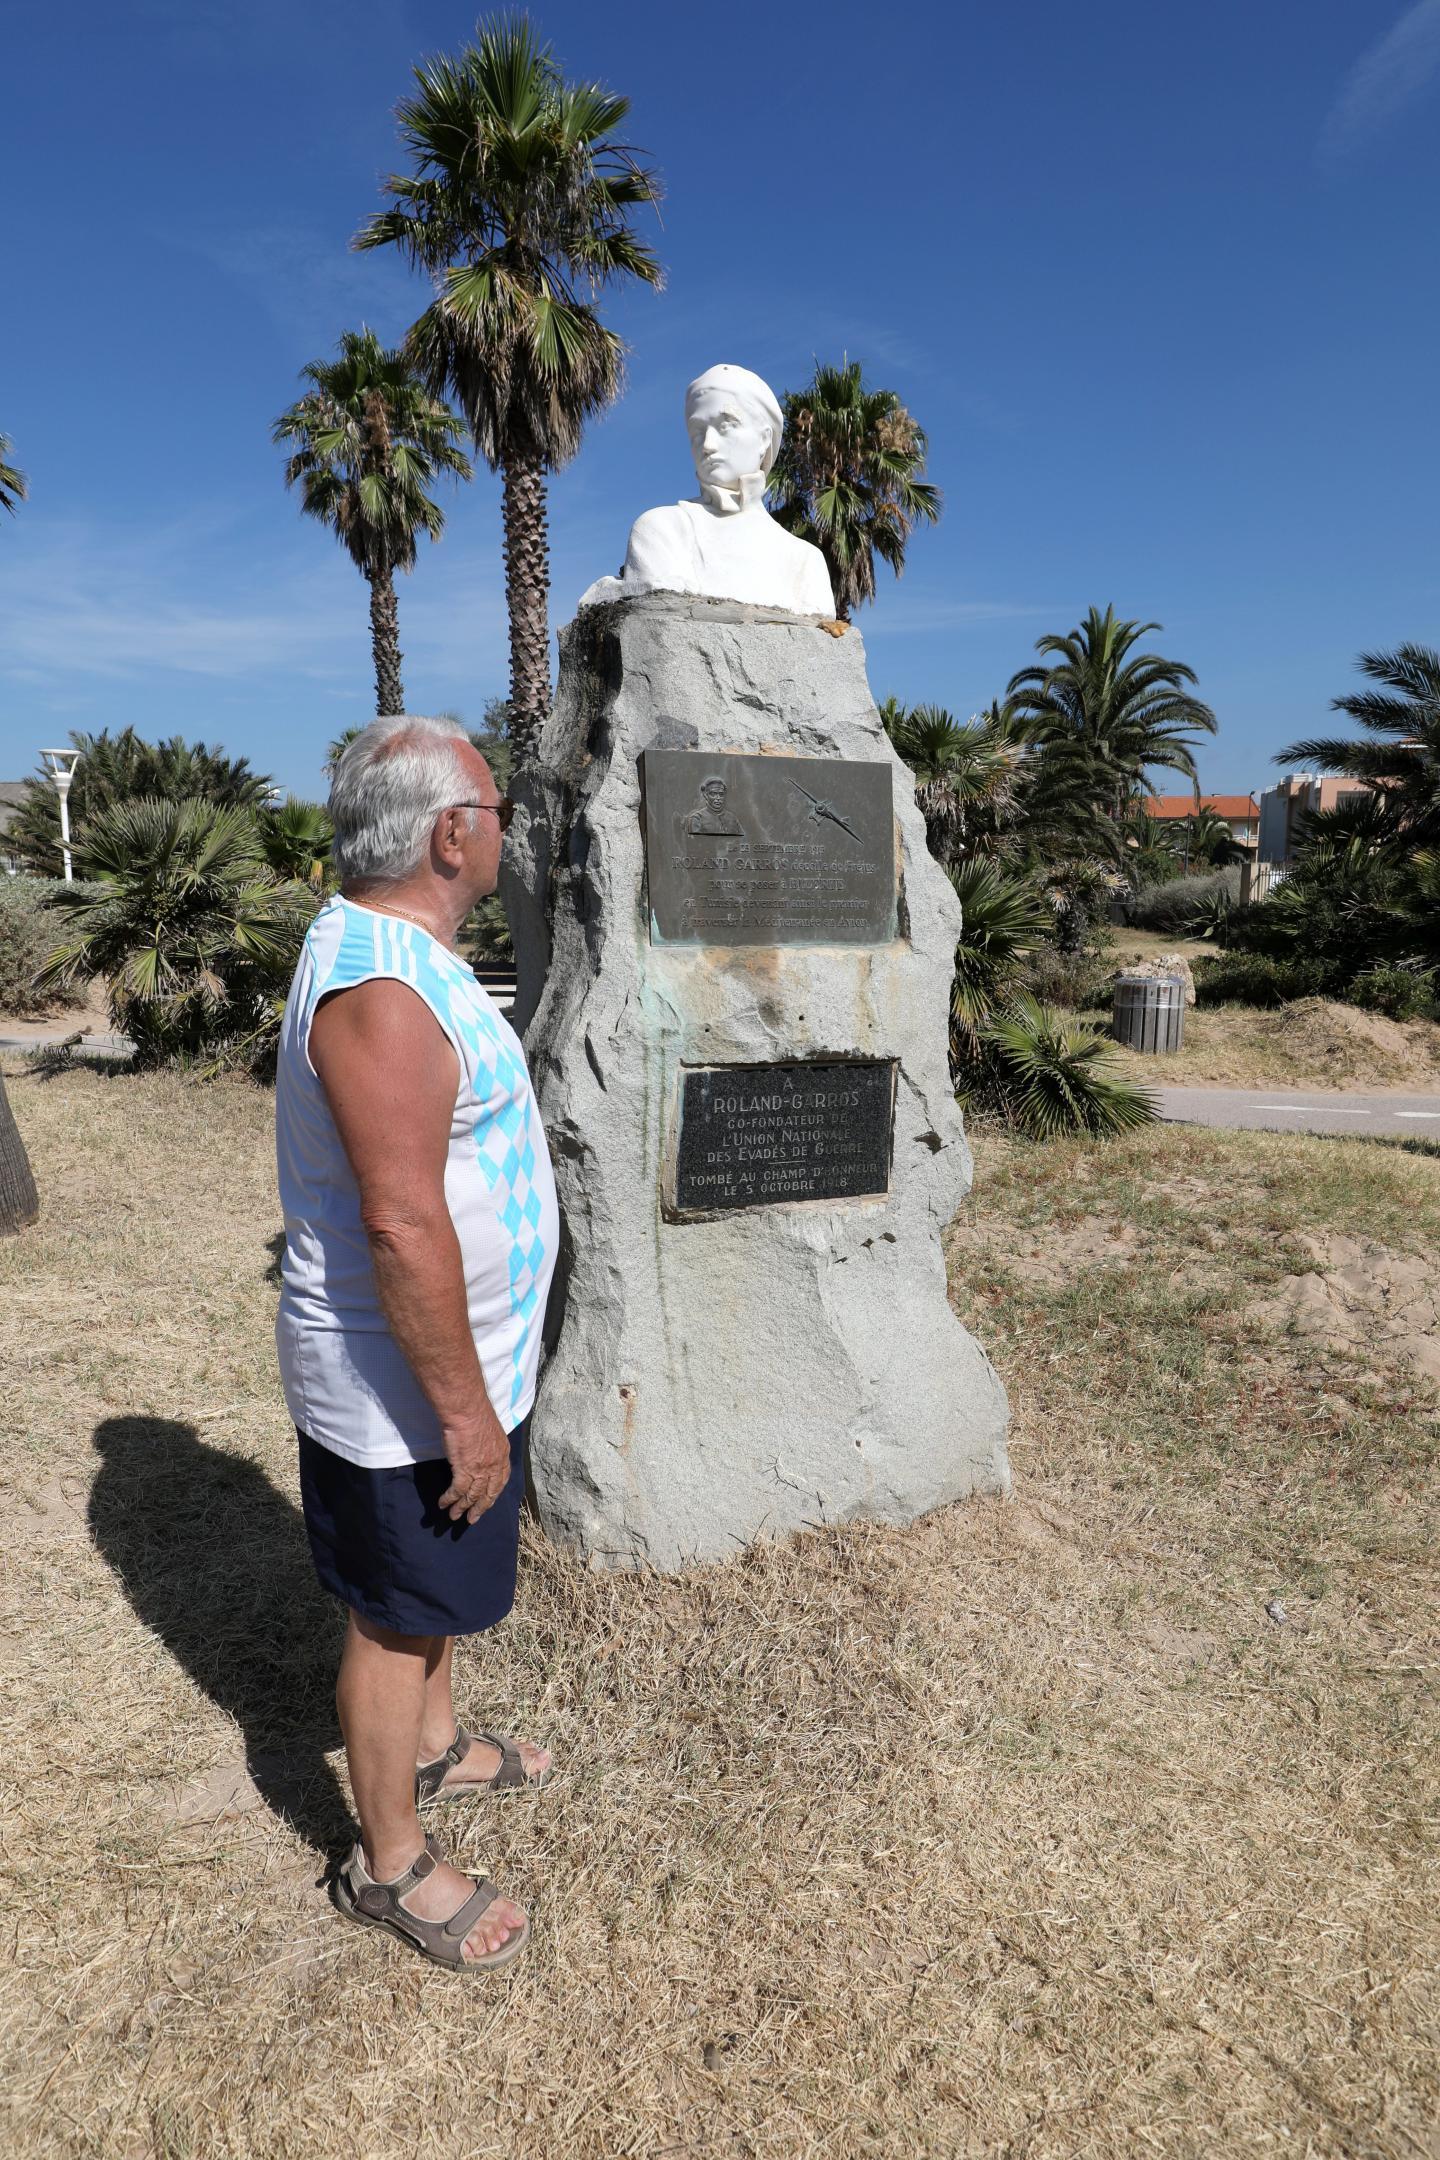 La stèle, aujourd'hui, est située à quelques dizaines de mètres de son emplacement initial.